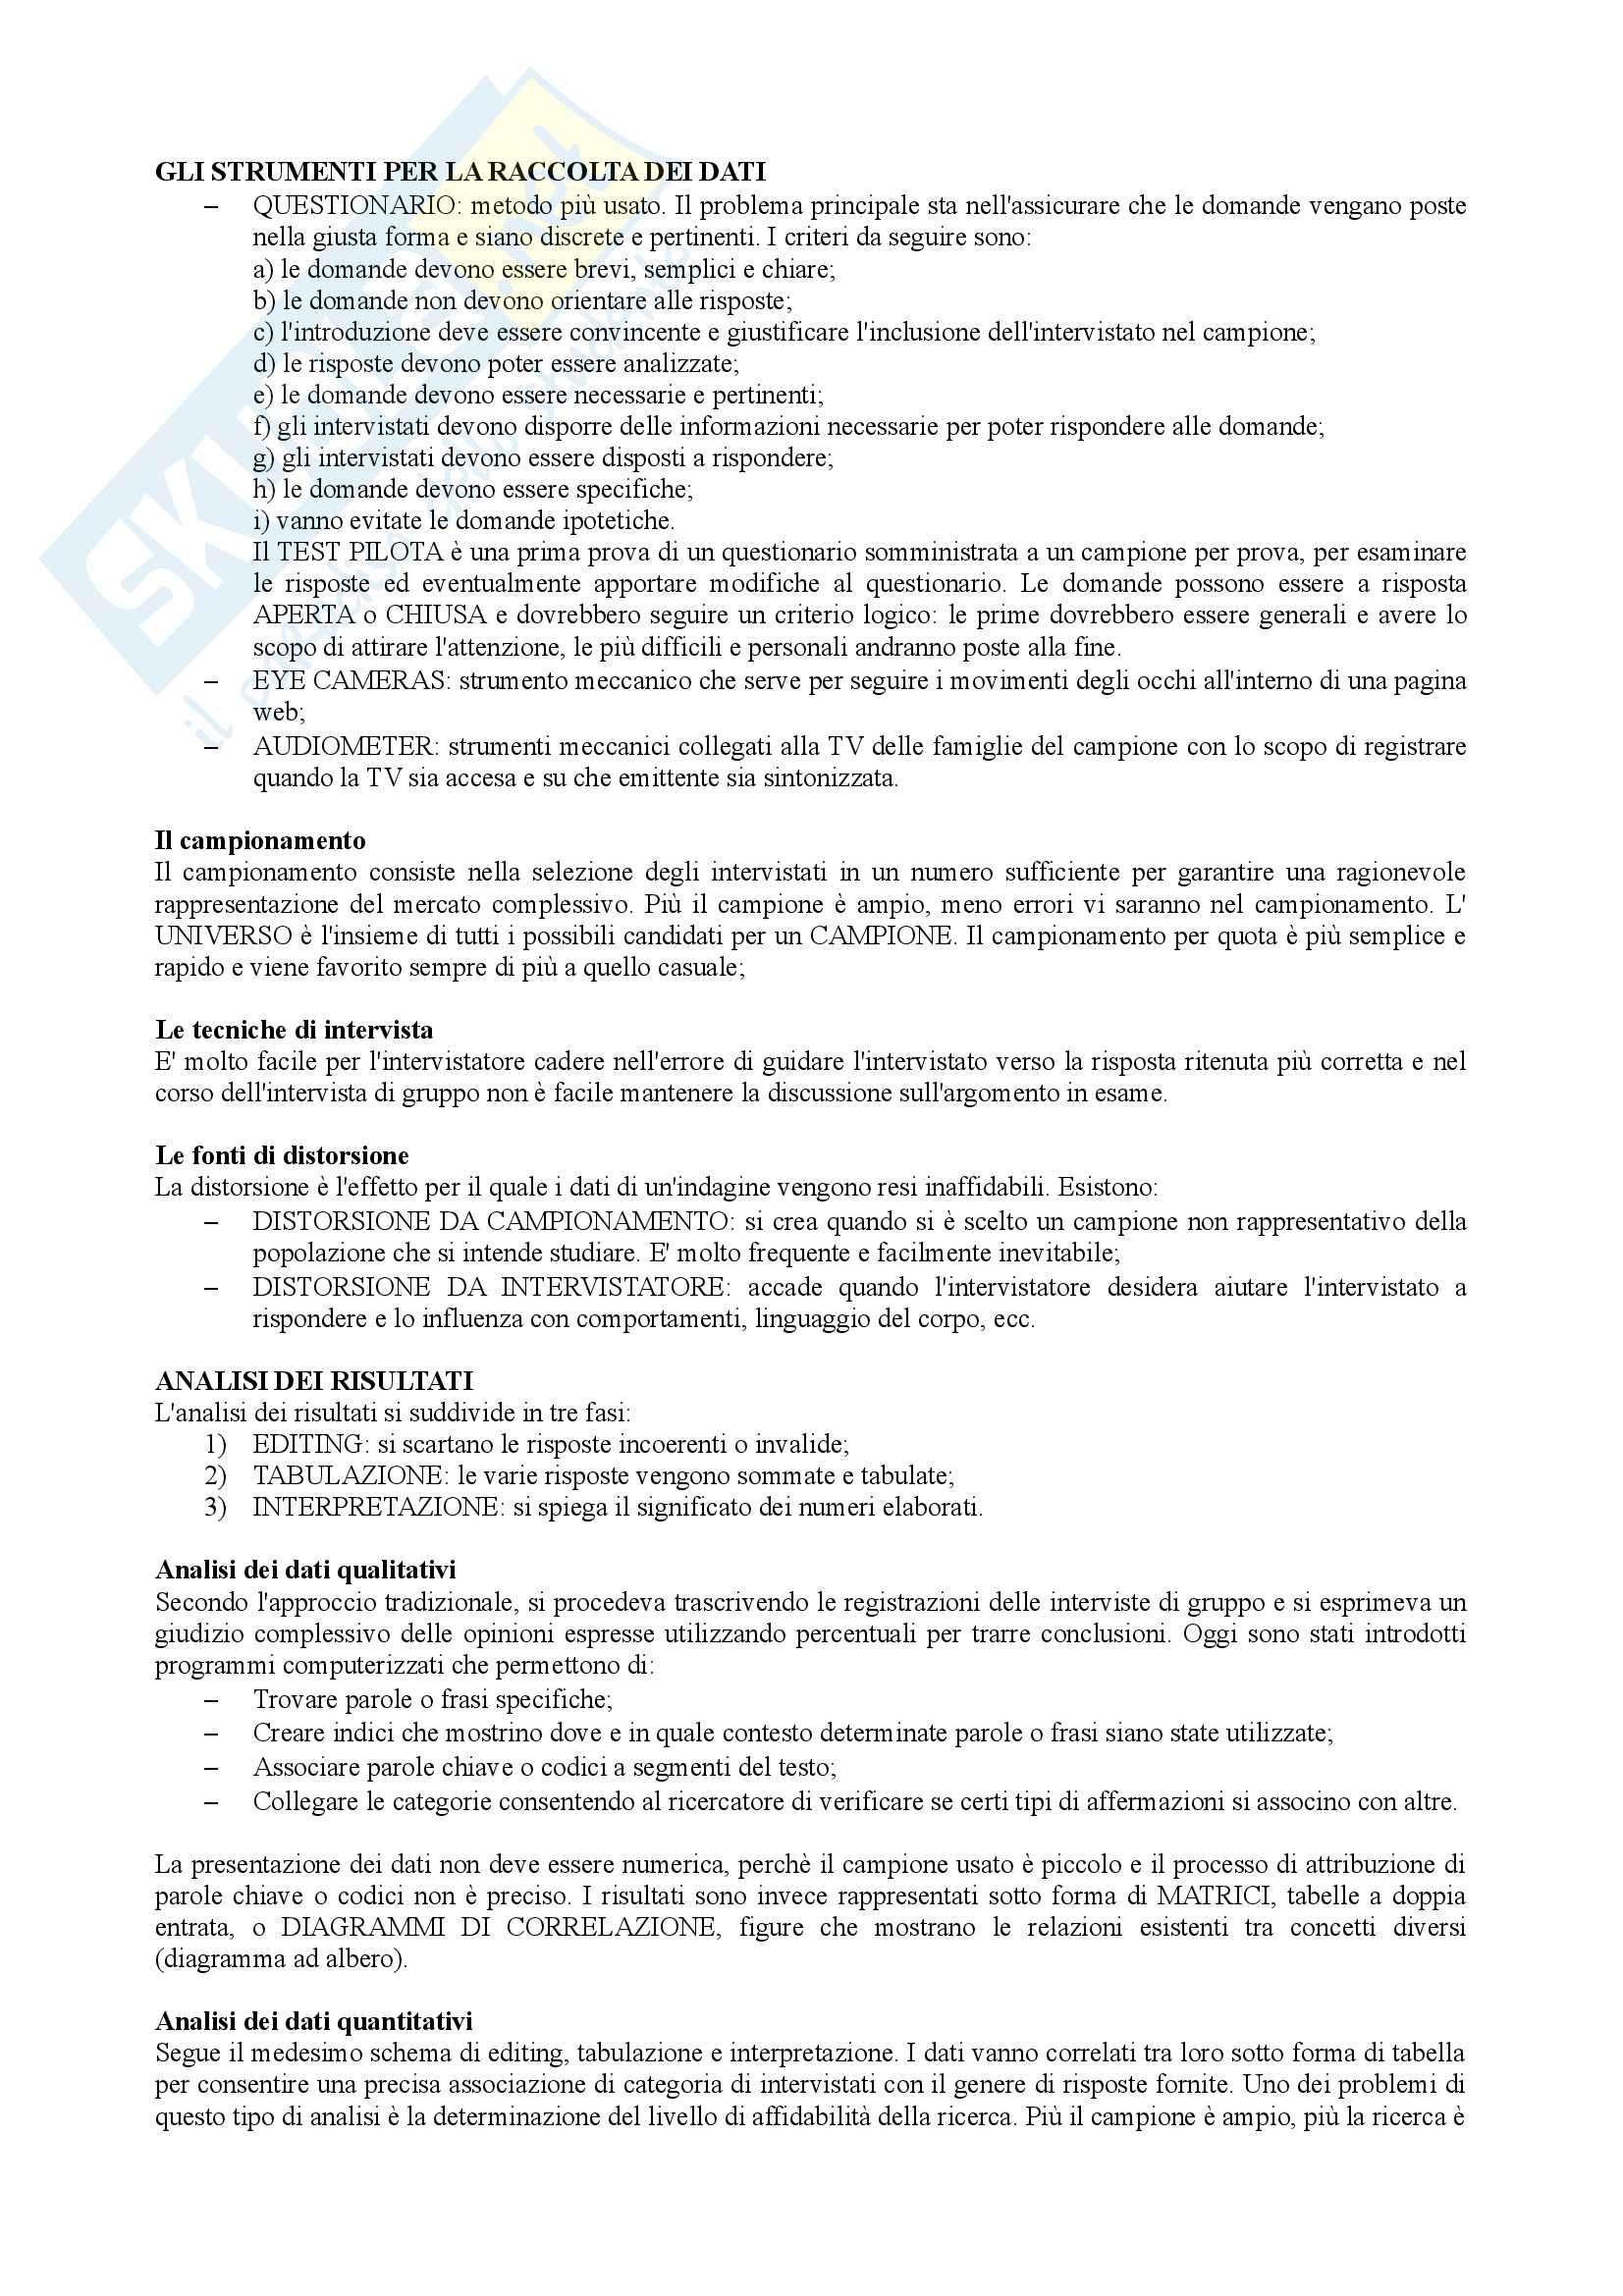 Riassunto esame marketing e strategie d'impresa, prof. Colurcio, Libro consigliato Fondamenti di Marketing, Cedrola Pag. 16